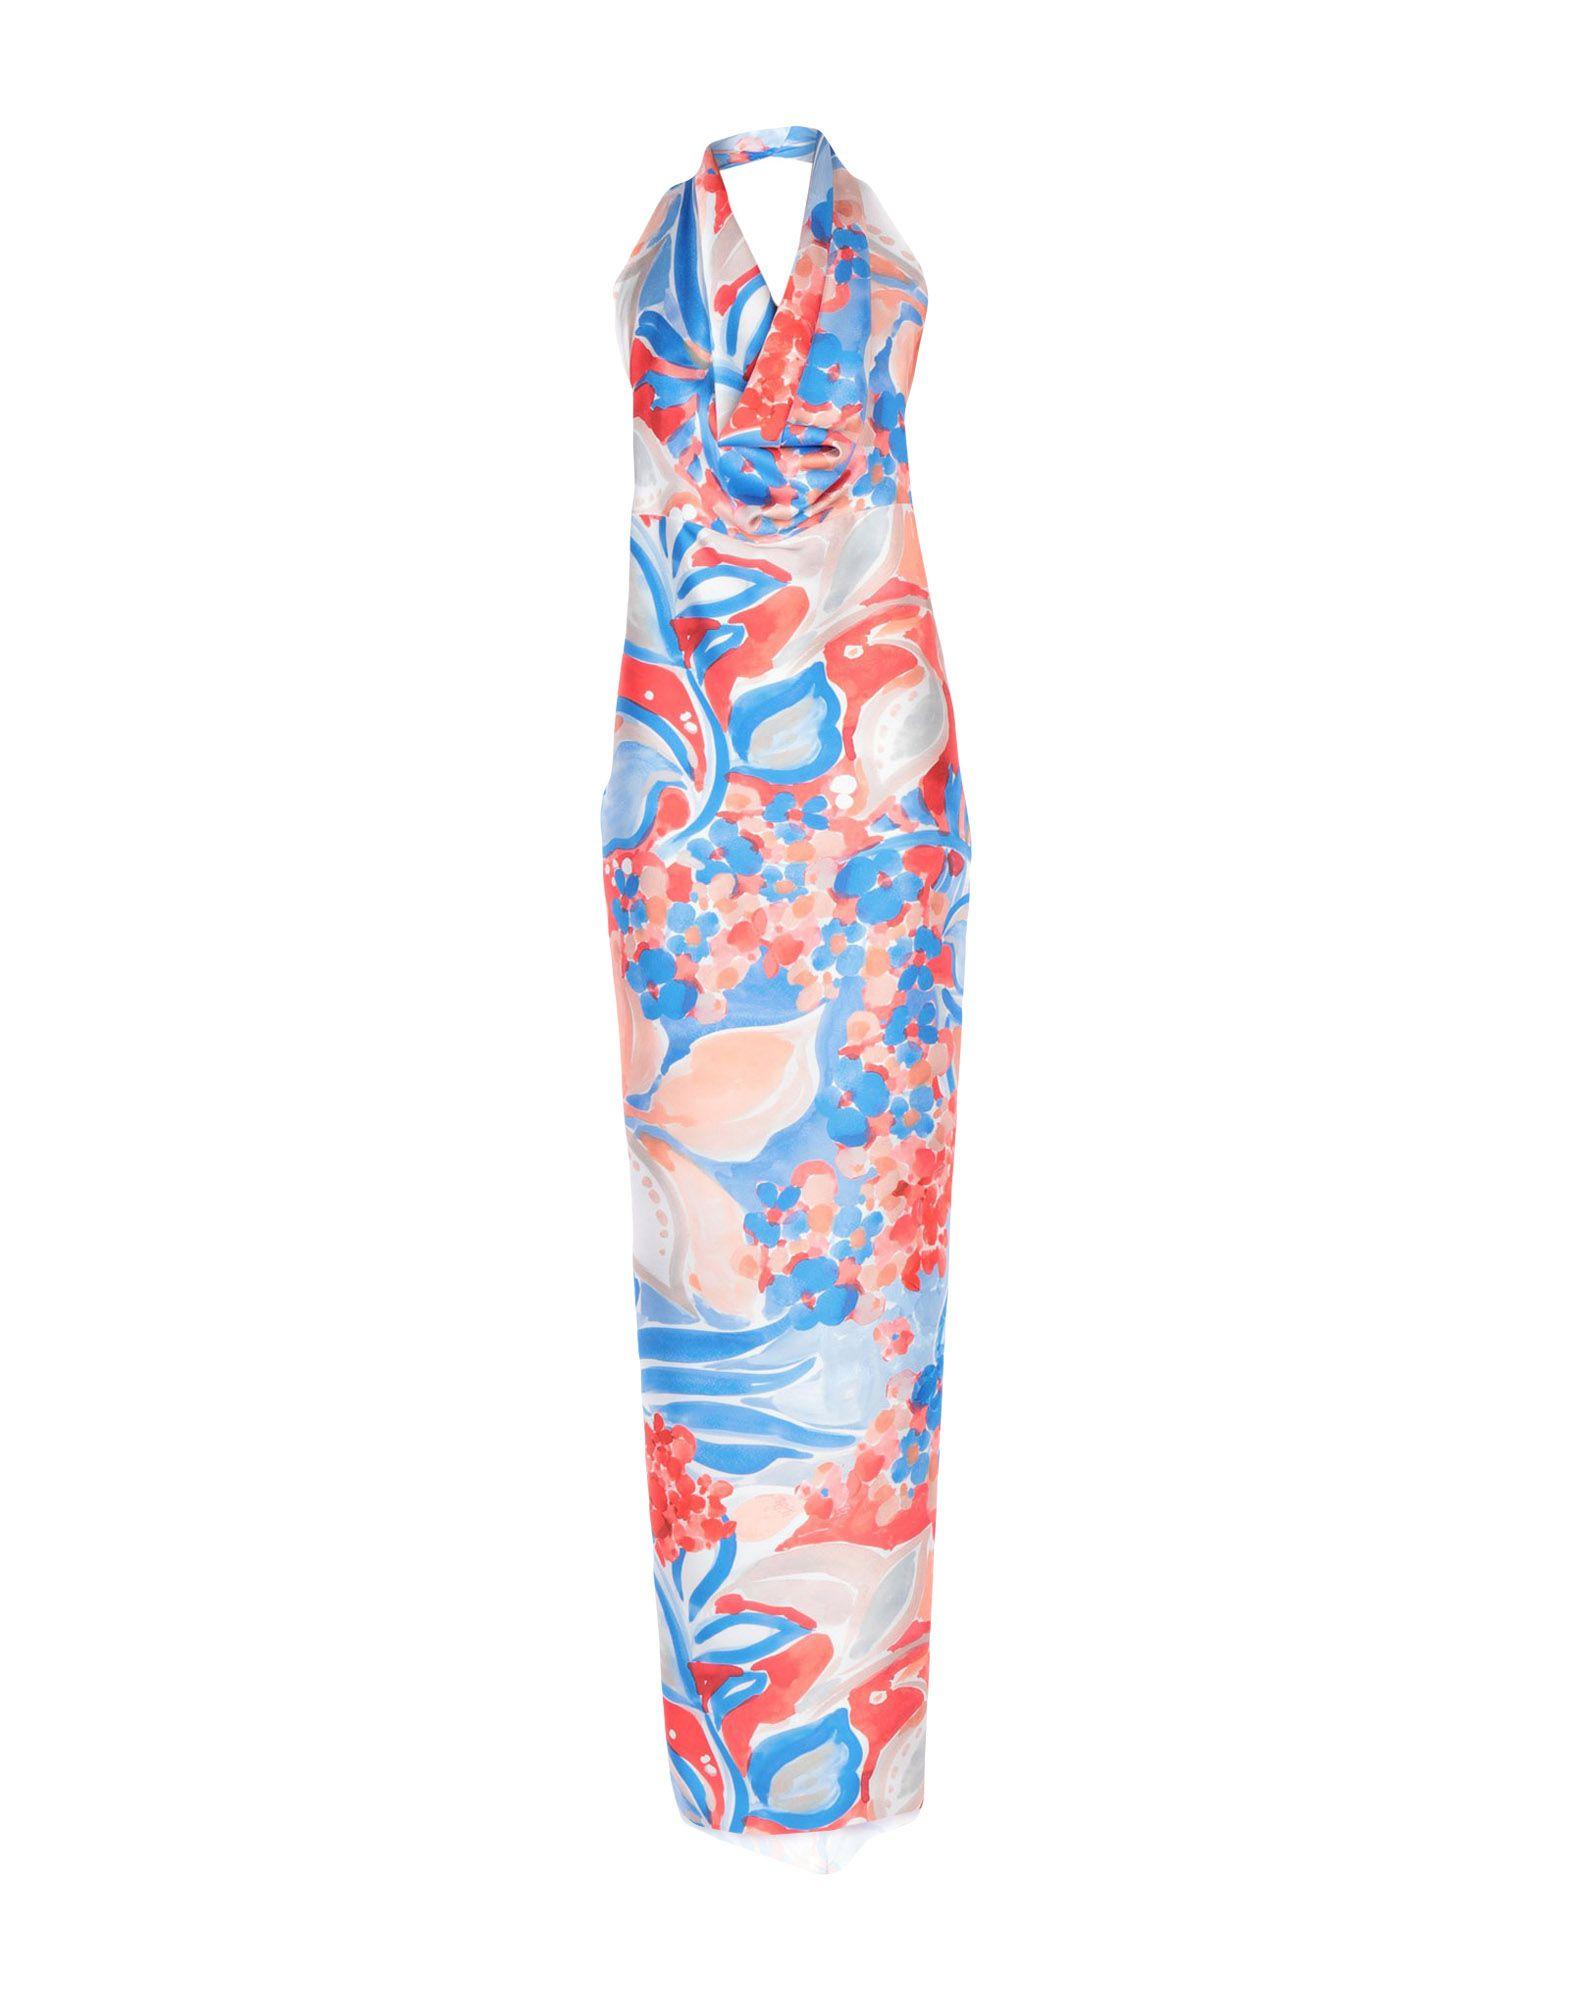 ANTONIO D'ERRICO Длинное платье 923 зима полный дрель бархат вечернее платье длинное плечо банкет тост одежды тонкий тонкий хост